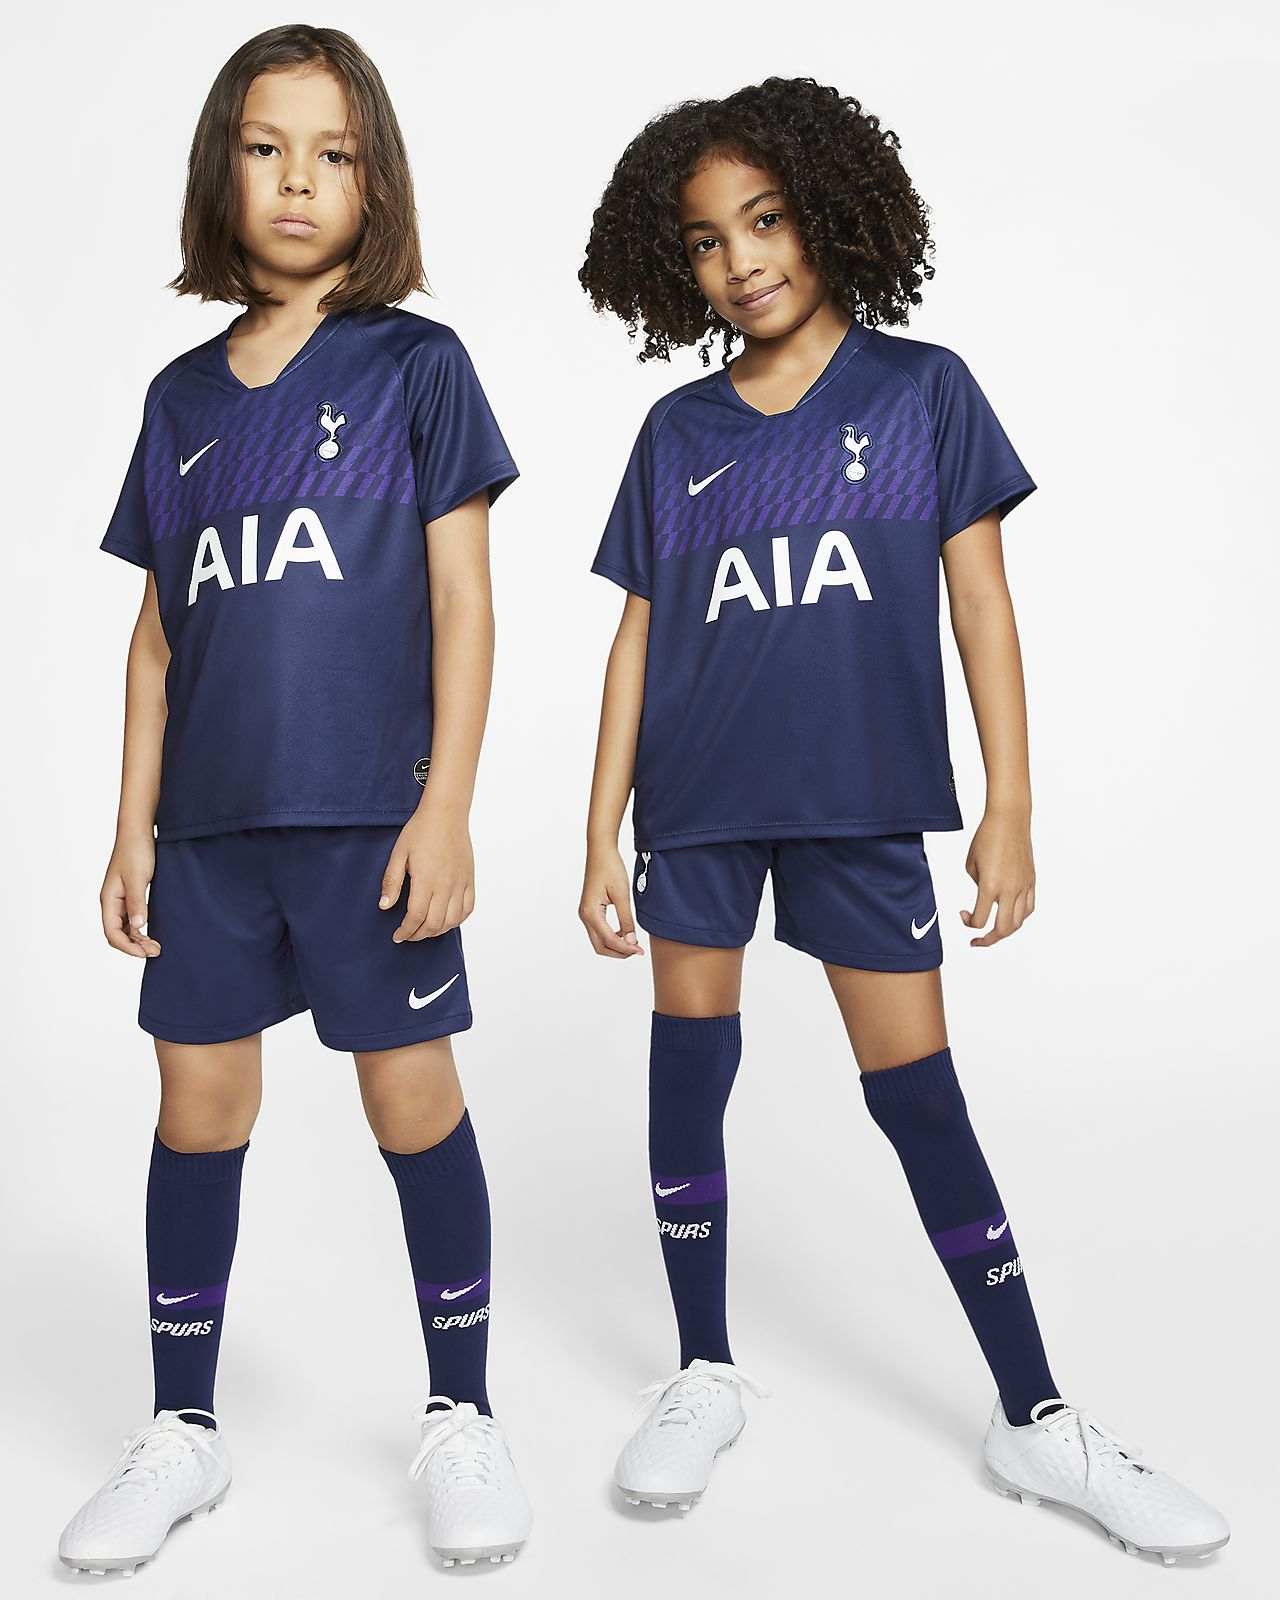 Kit de visitante para niños talla pequeña del Tottenham Hotspur 2019/20